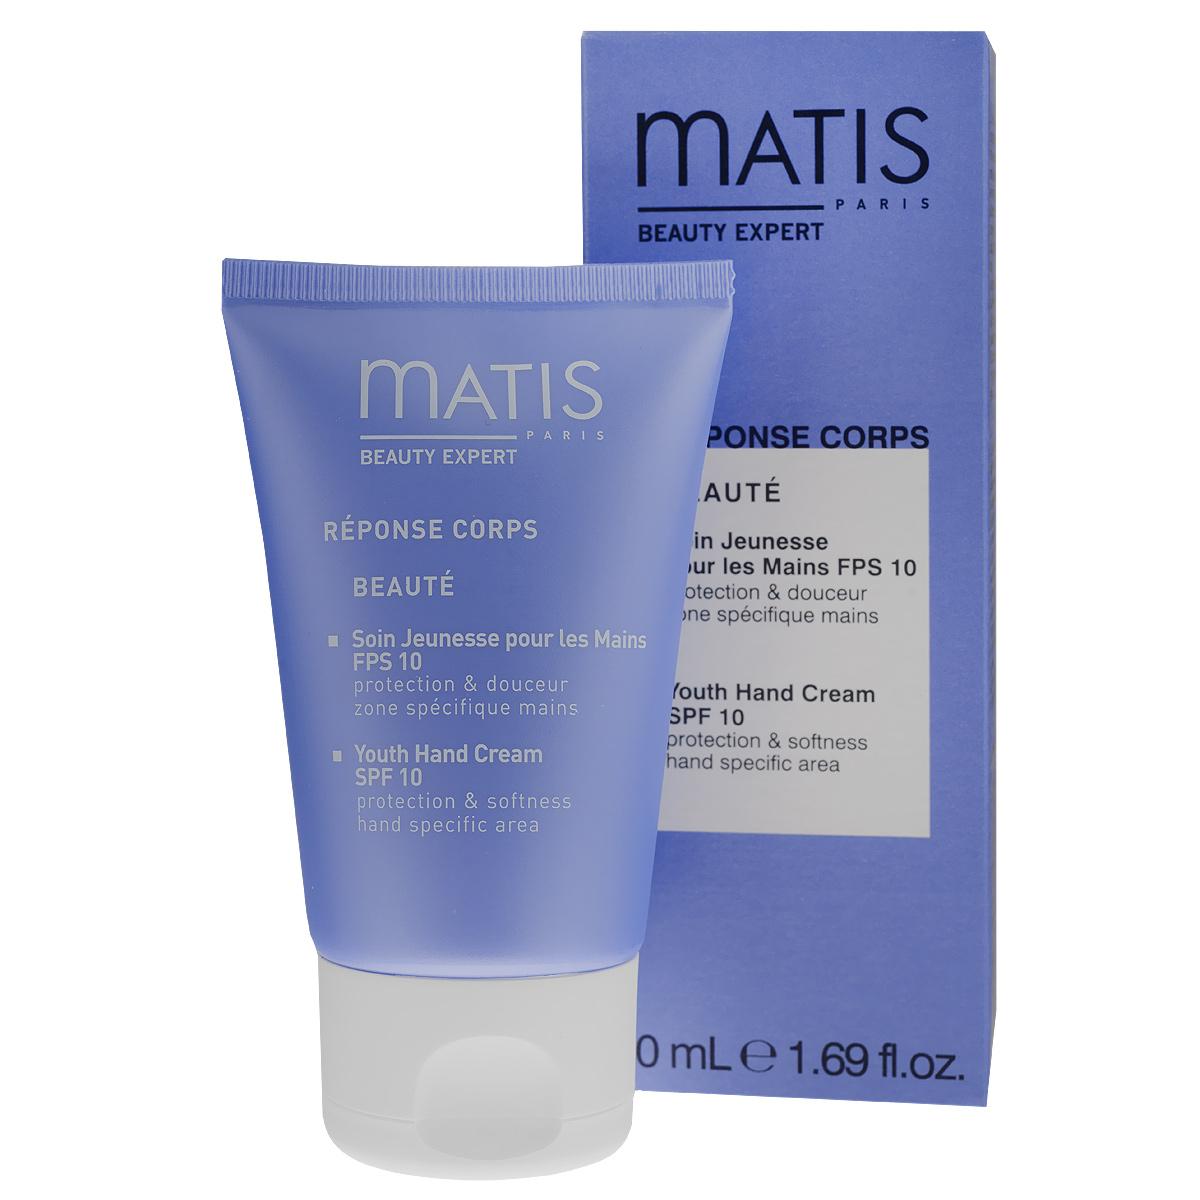 Matis Омолаживающий крем для рук, SPF10, 50 мл36766Омолаживающий крем для рук увлажняет, питает, защищает кожу рук от вредного солнечного воздействия, препятствует старению кожи, предупреждает появление пигментных пятен.